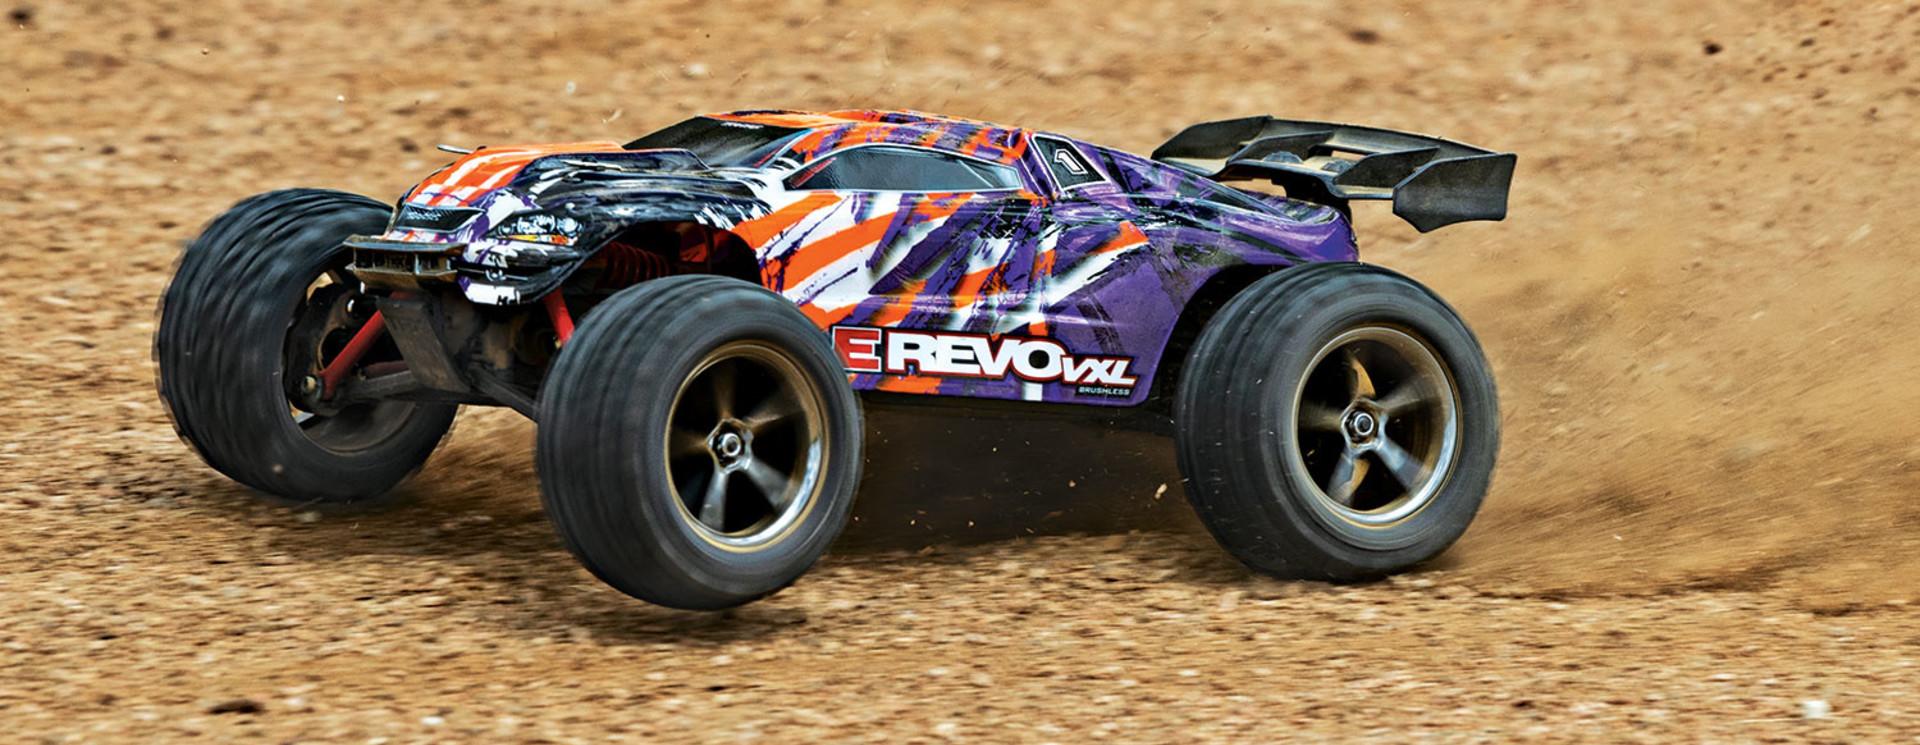 Parts E-Revo VXL 1/16